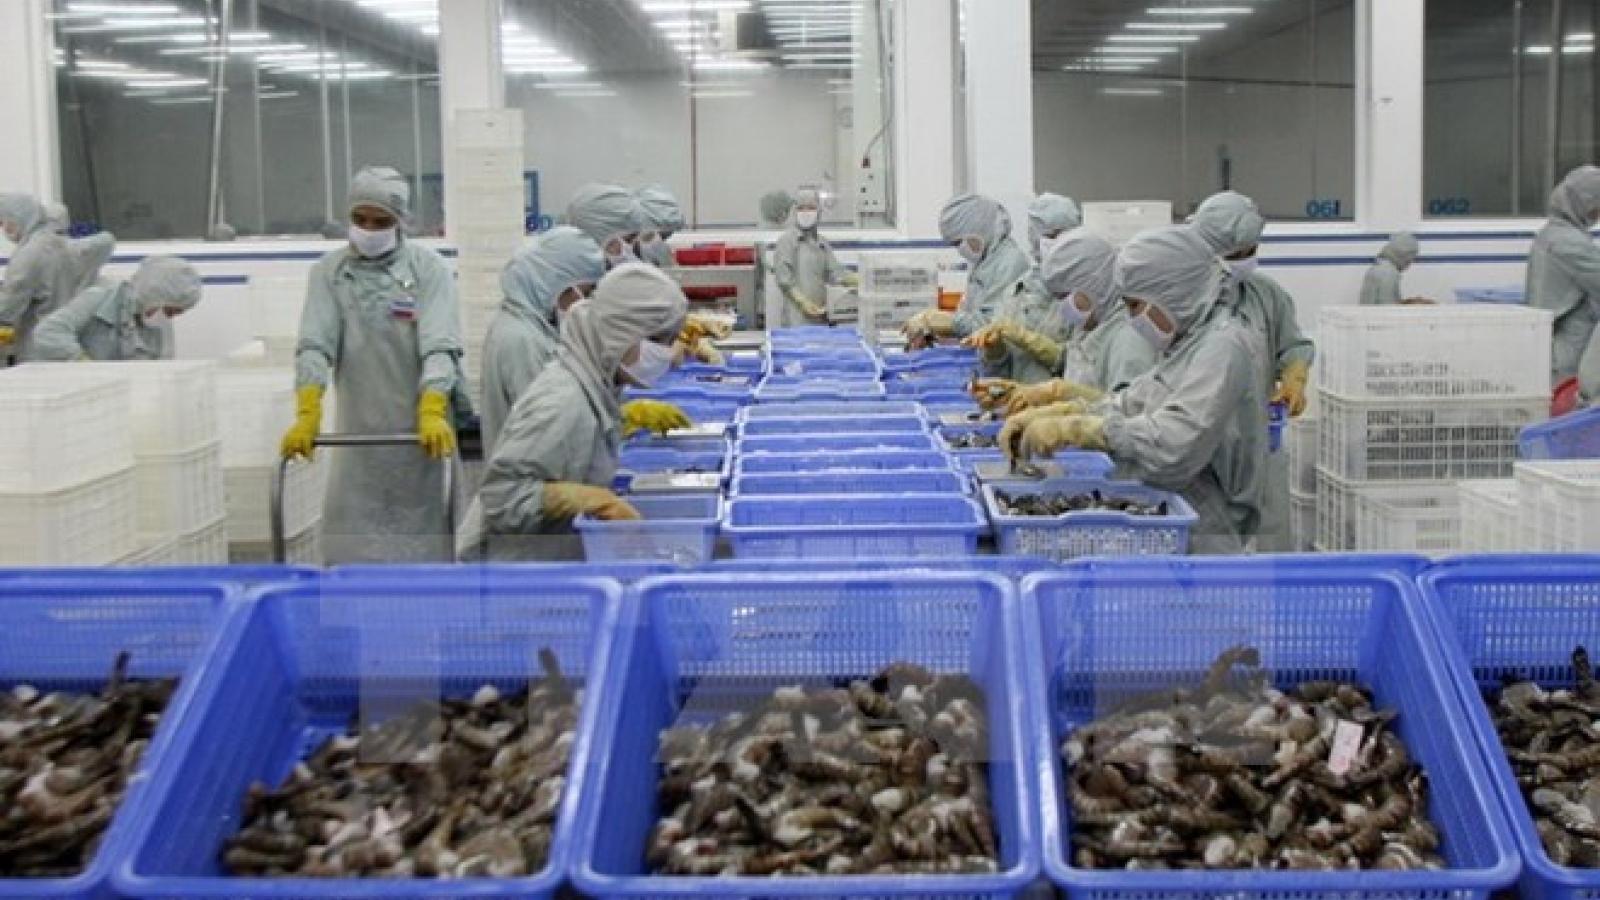 EU becomes Vietnam's top shrimp importer